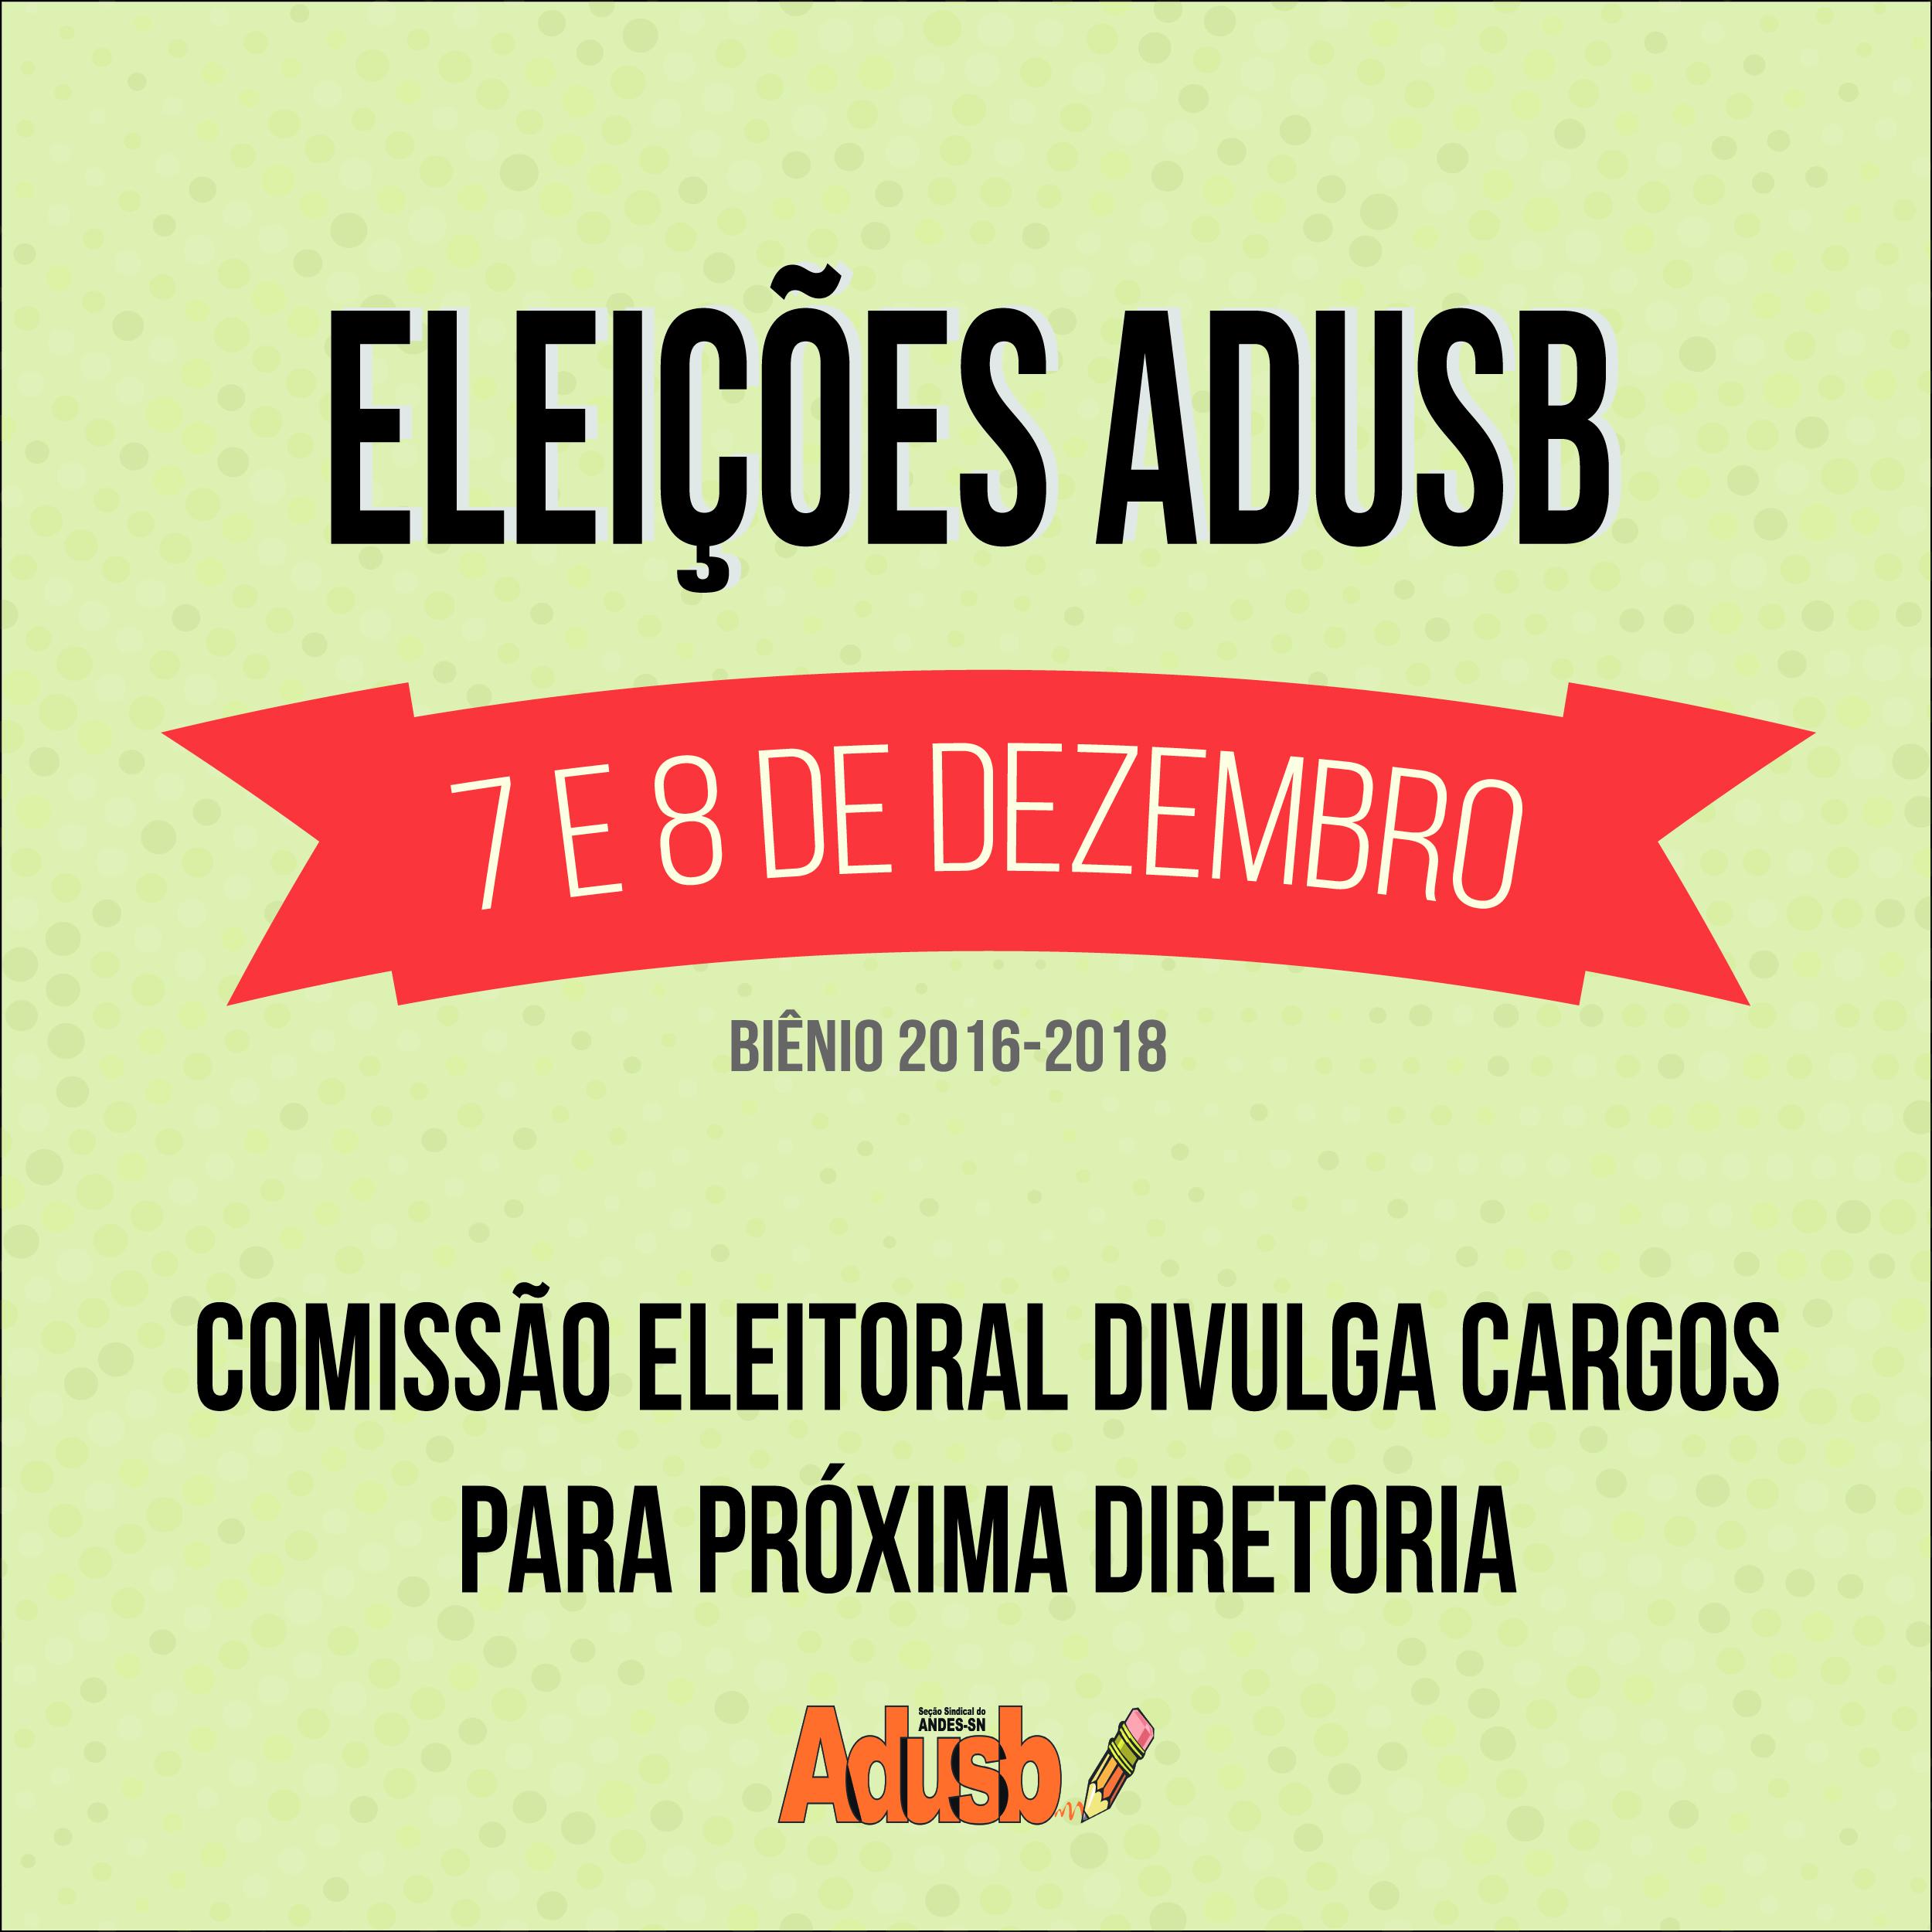 Comissão Eleitoral divulga cargos para nova diretoria da Adusb